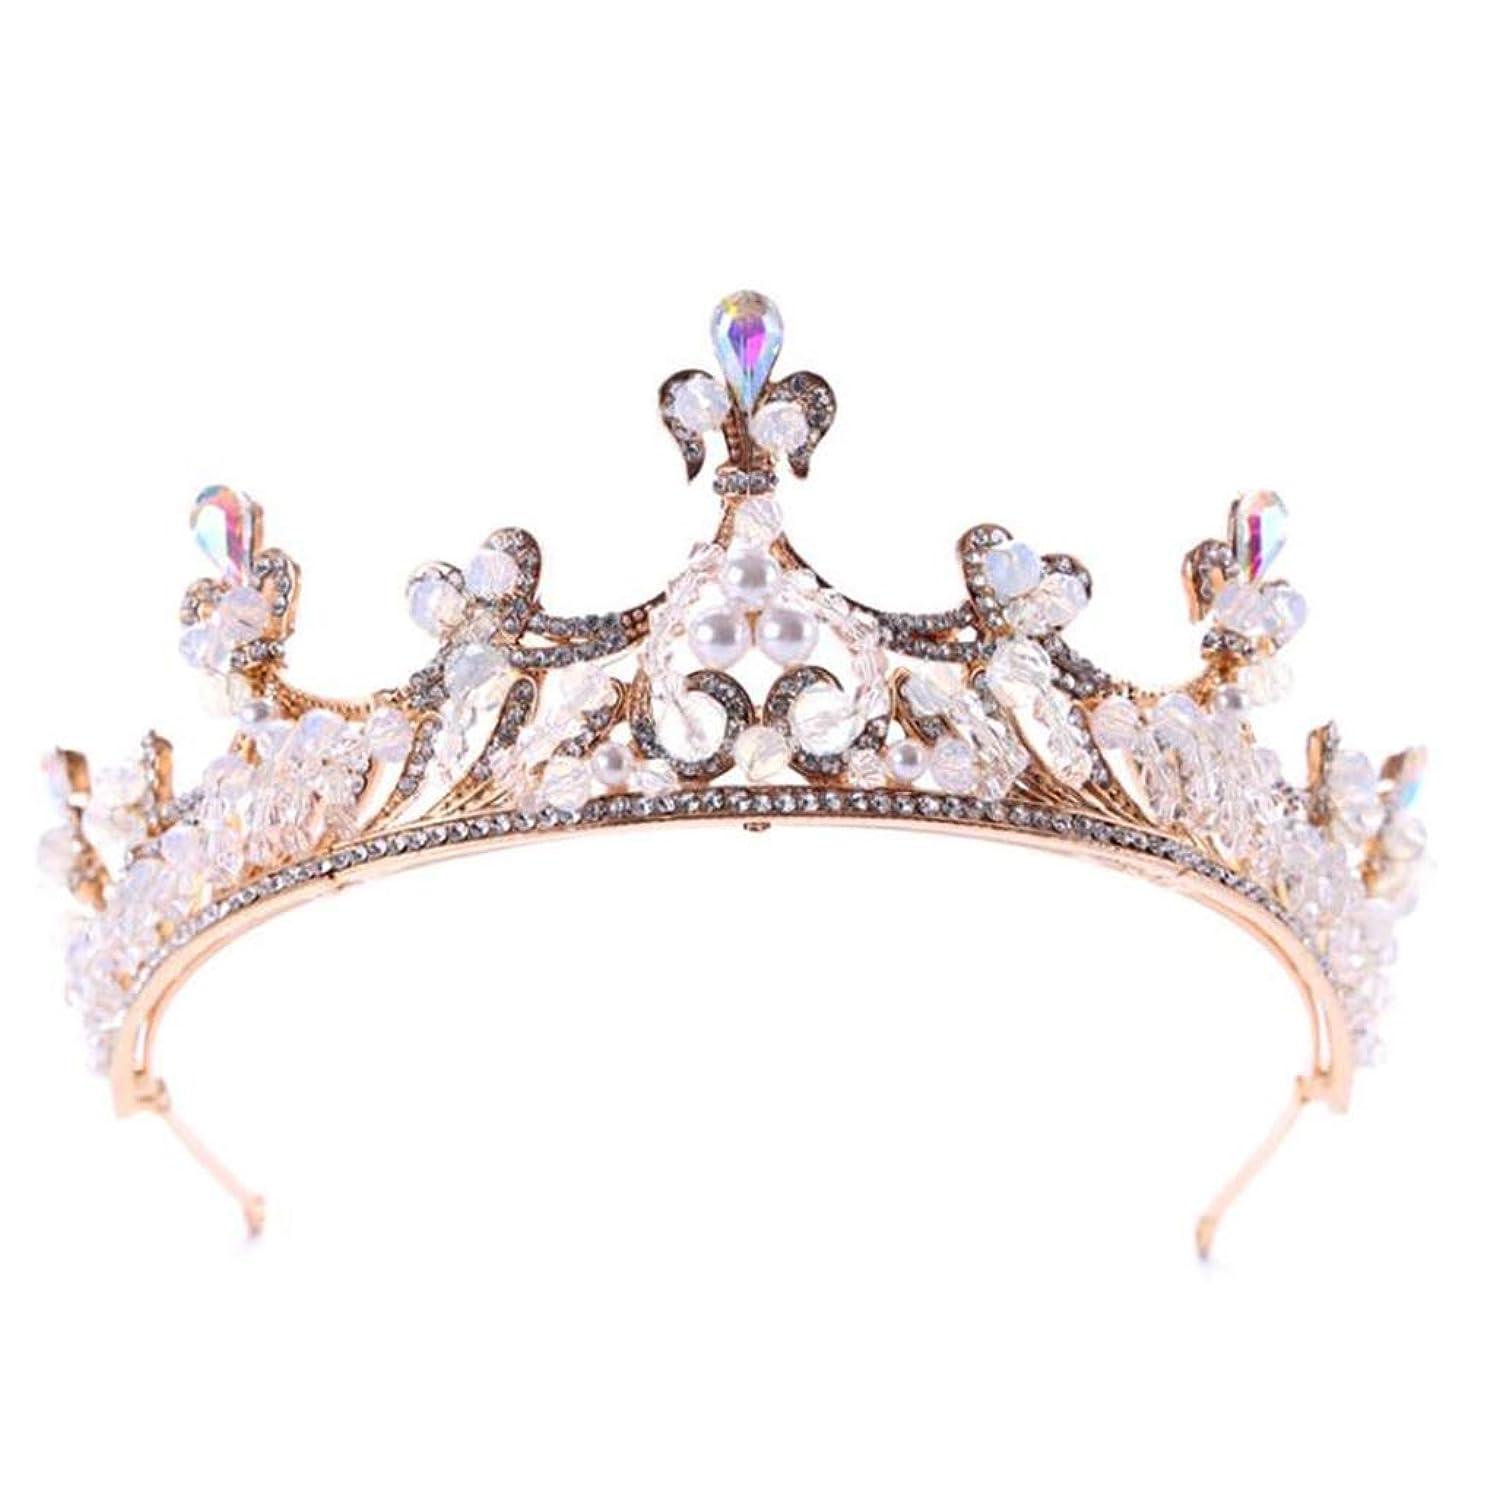 医療の付与言及するクラウン花嫁クリスタルクラウン天使の羽王女ティアラブライダルティアラヘッドバンドウェディングジュエリー (色 : A)